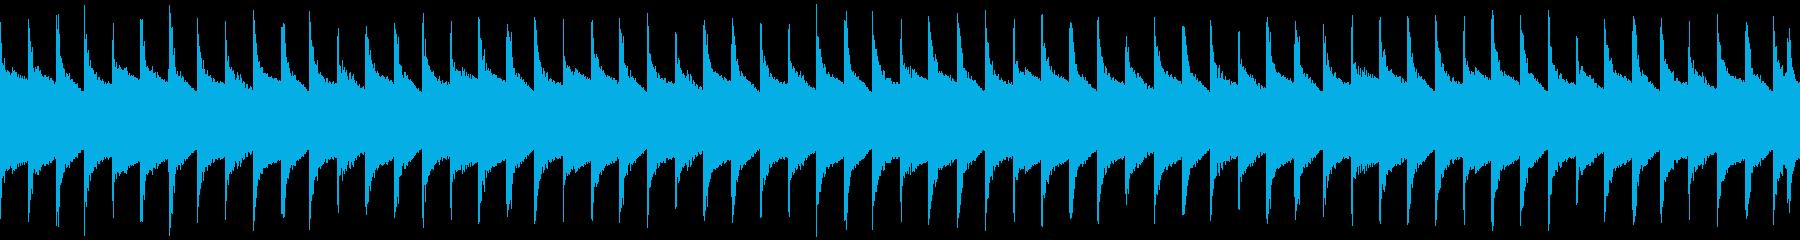 マップ画面・ロボットループ・単調シンセの再生済みの波形